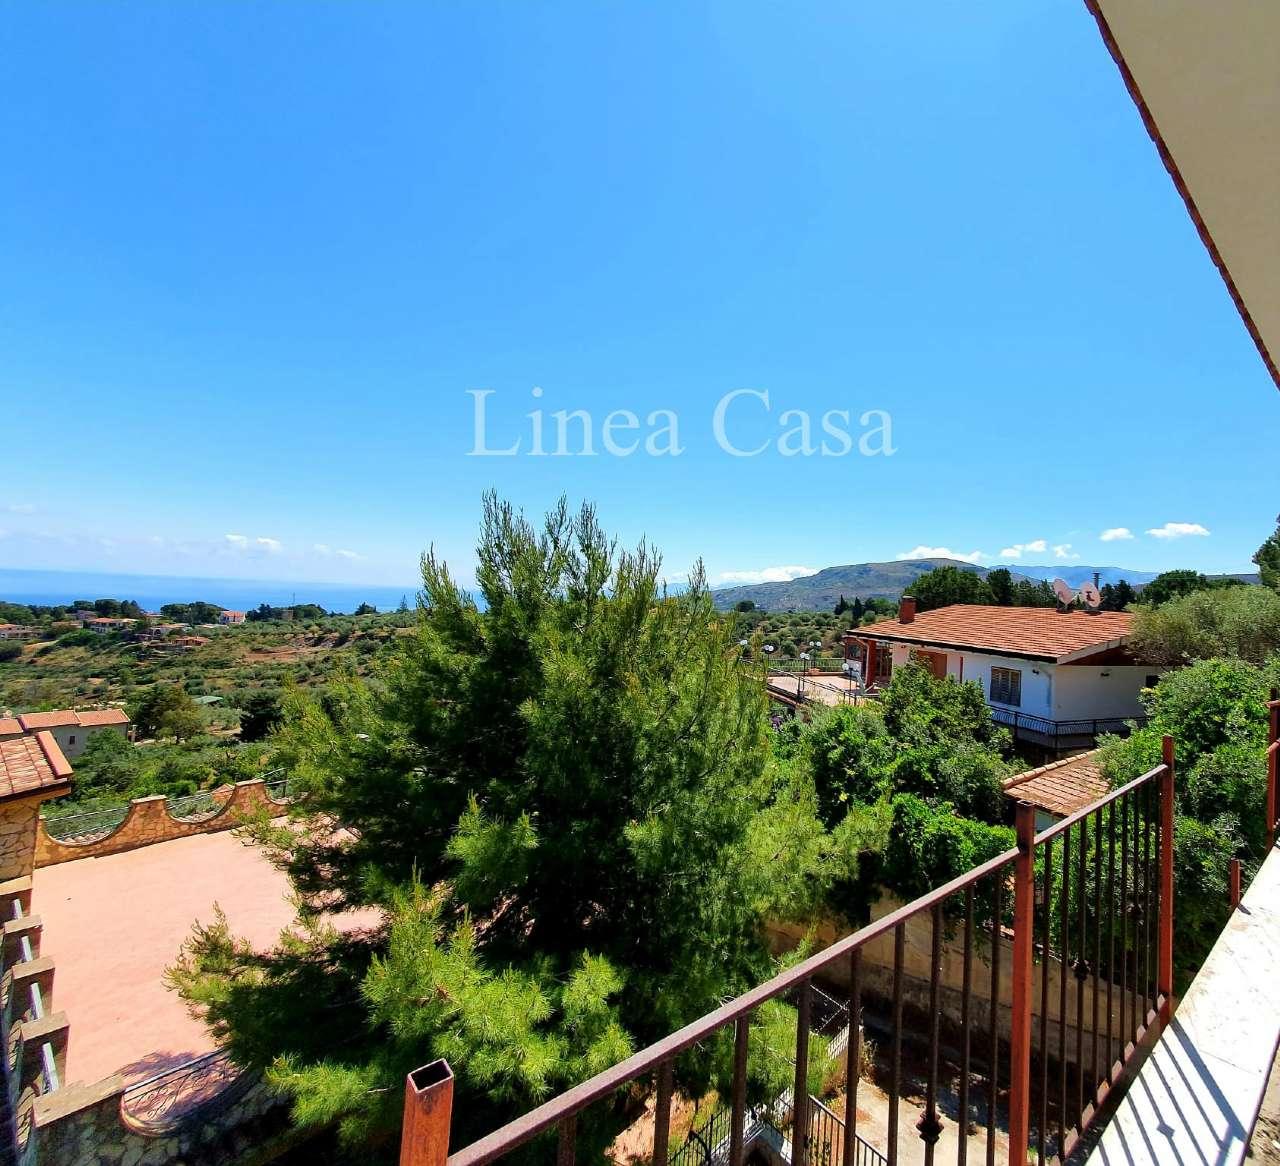 Appartamento in vendita a Trabia, 4 locali, prezzo € 70.000 | PortaleAgenzieImmobiliari.it